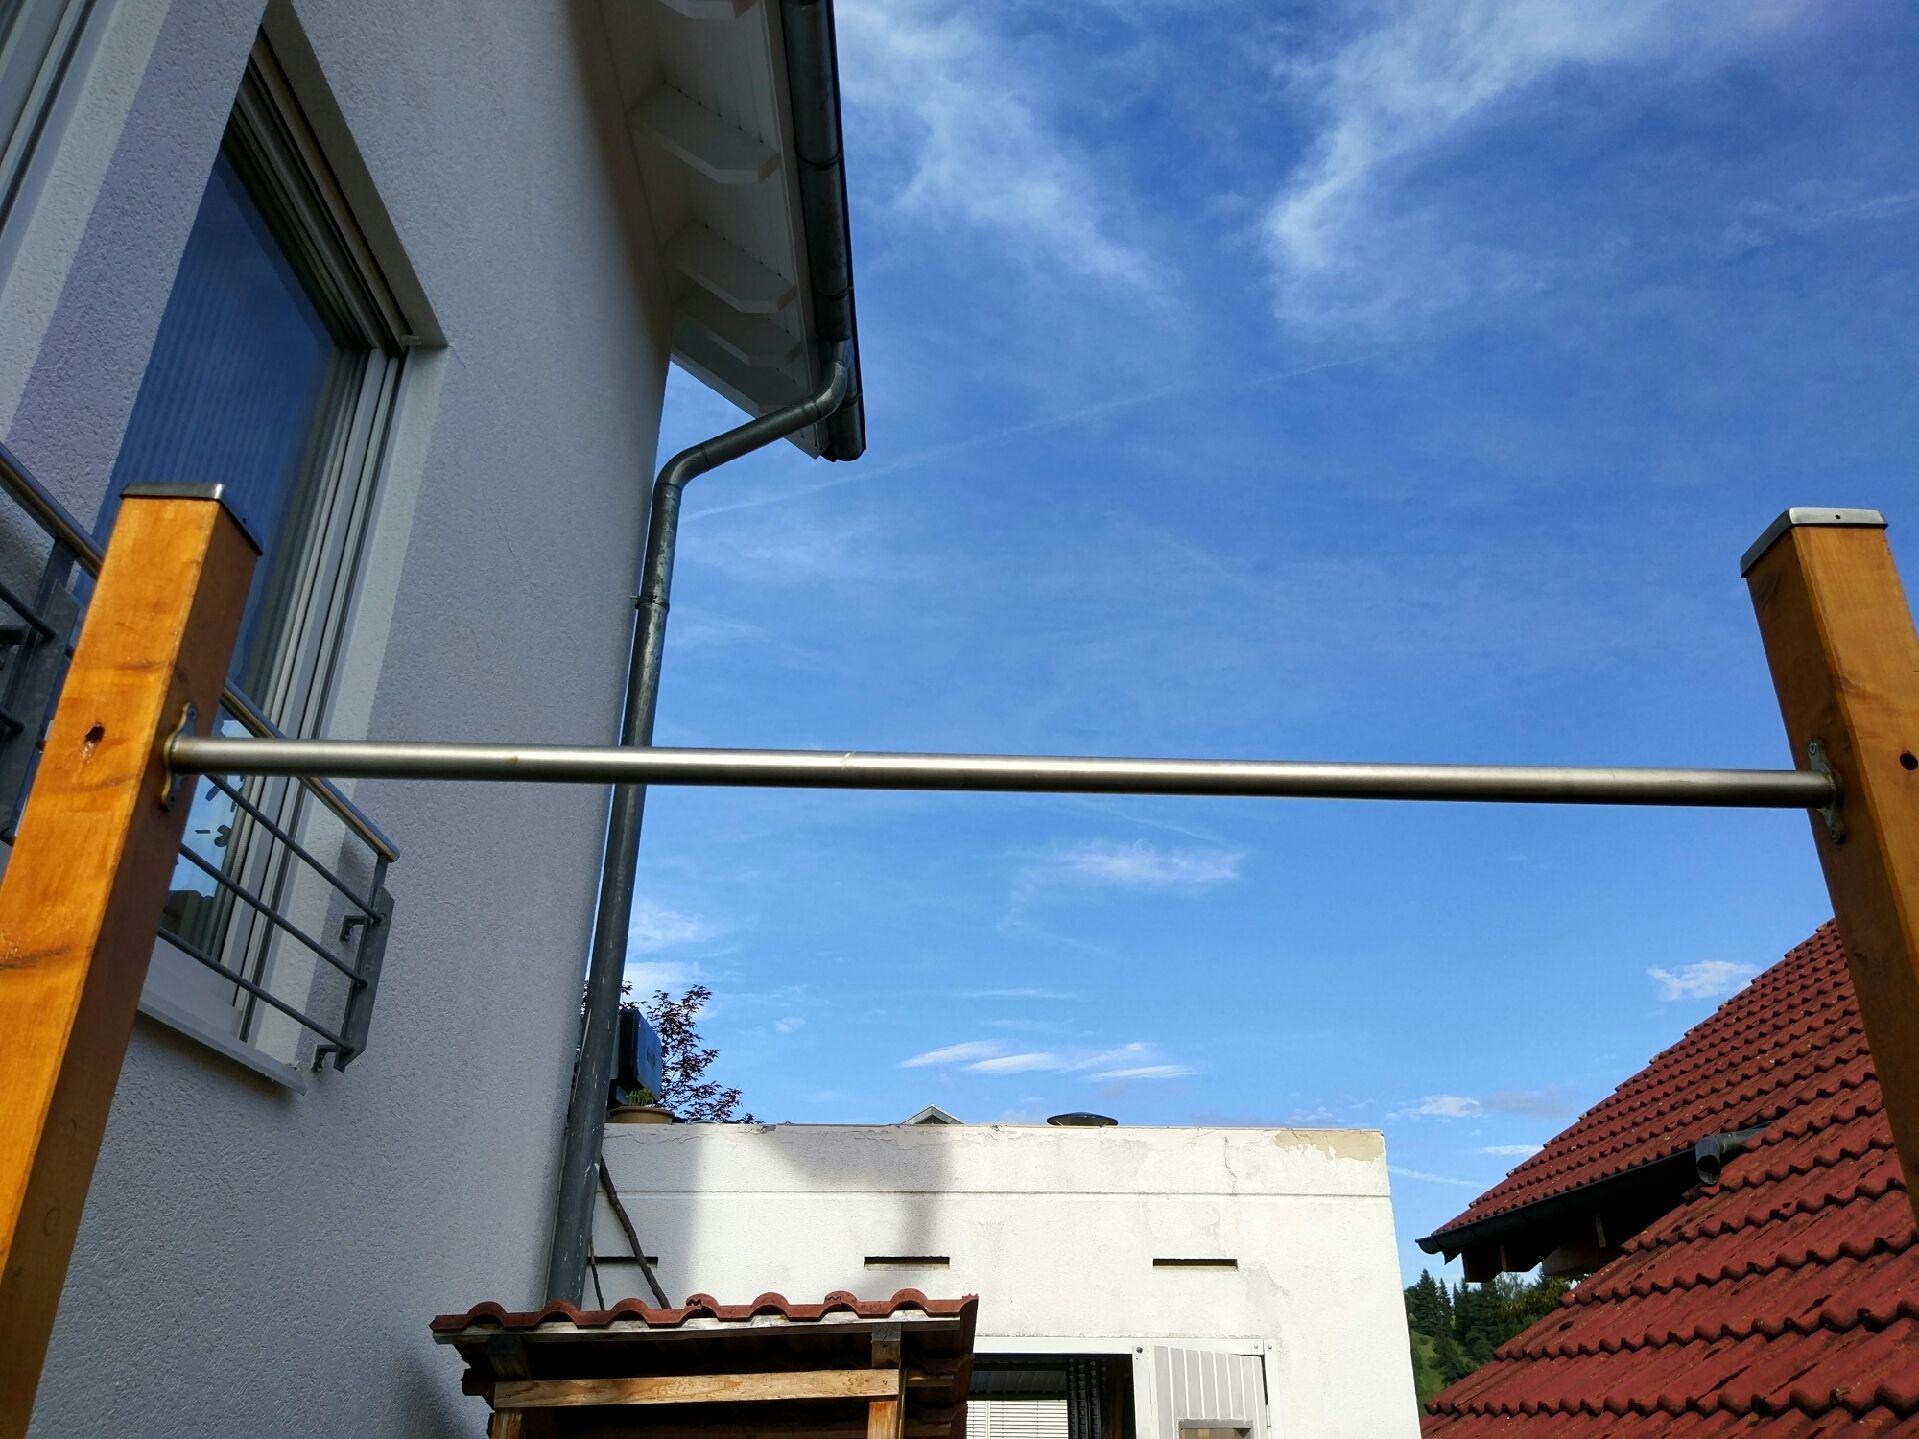 Bevorzugt Klimmzugstange bauen Bauanleitung zum selber bauen | Best of 1-2 MK27